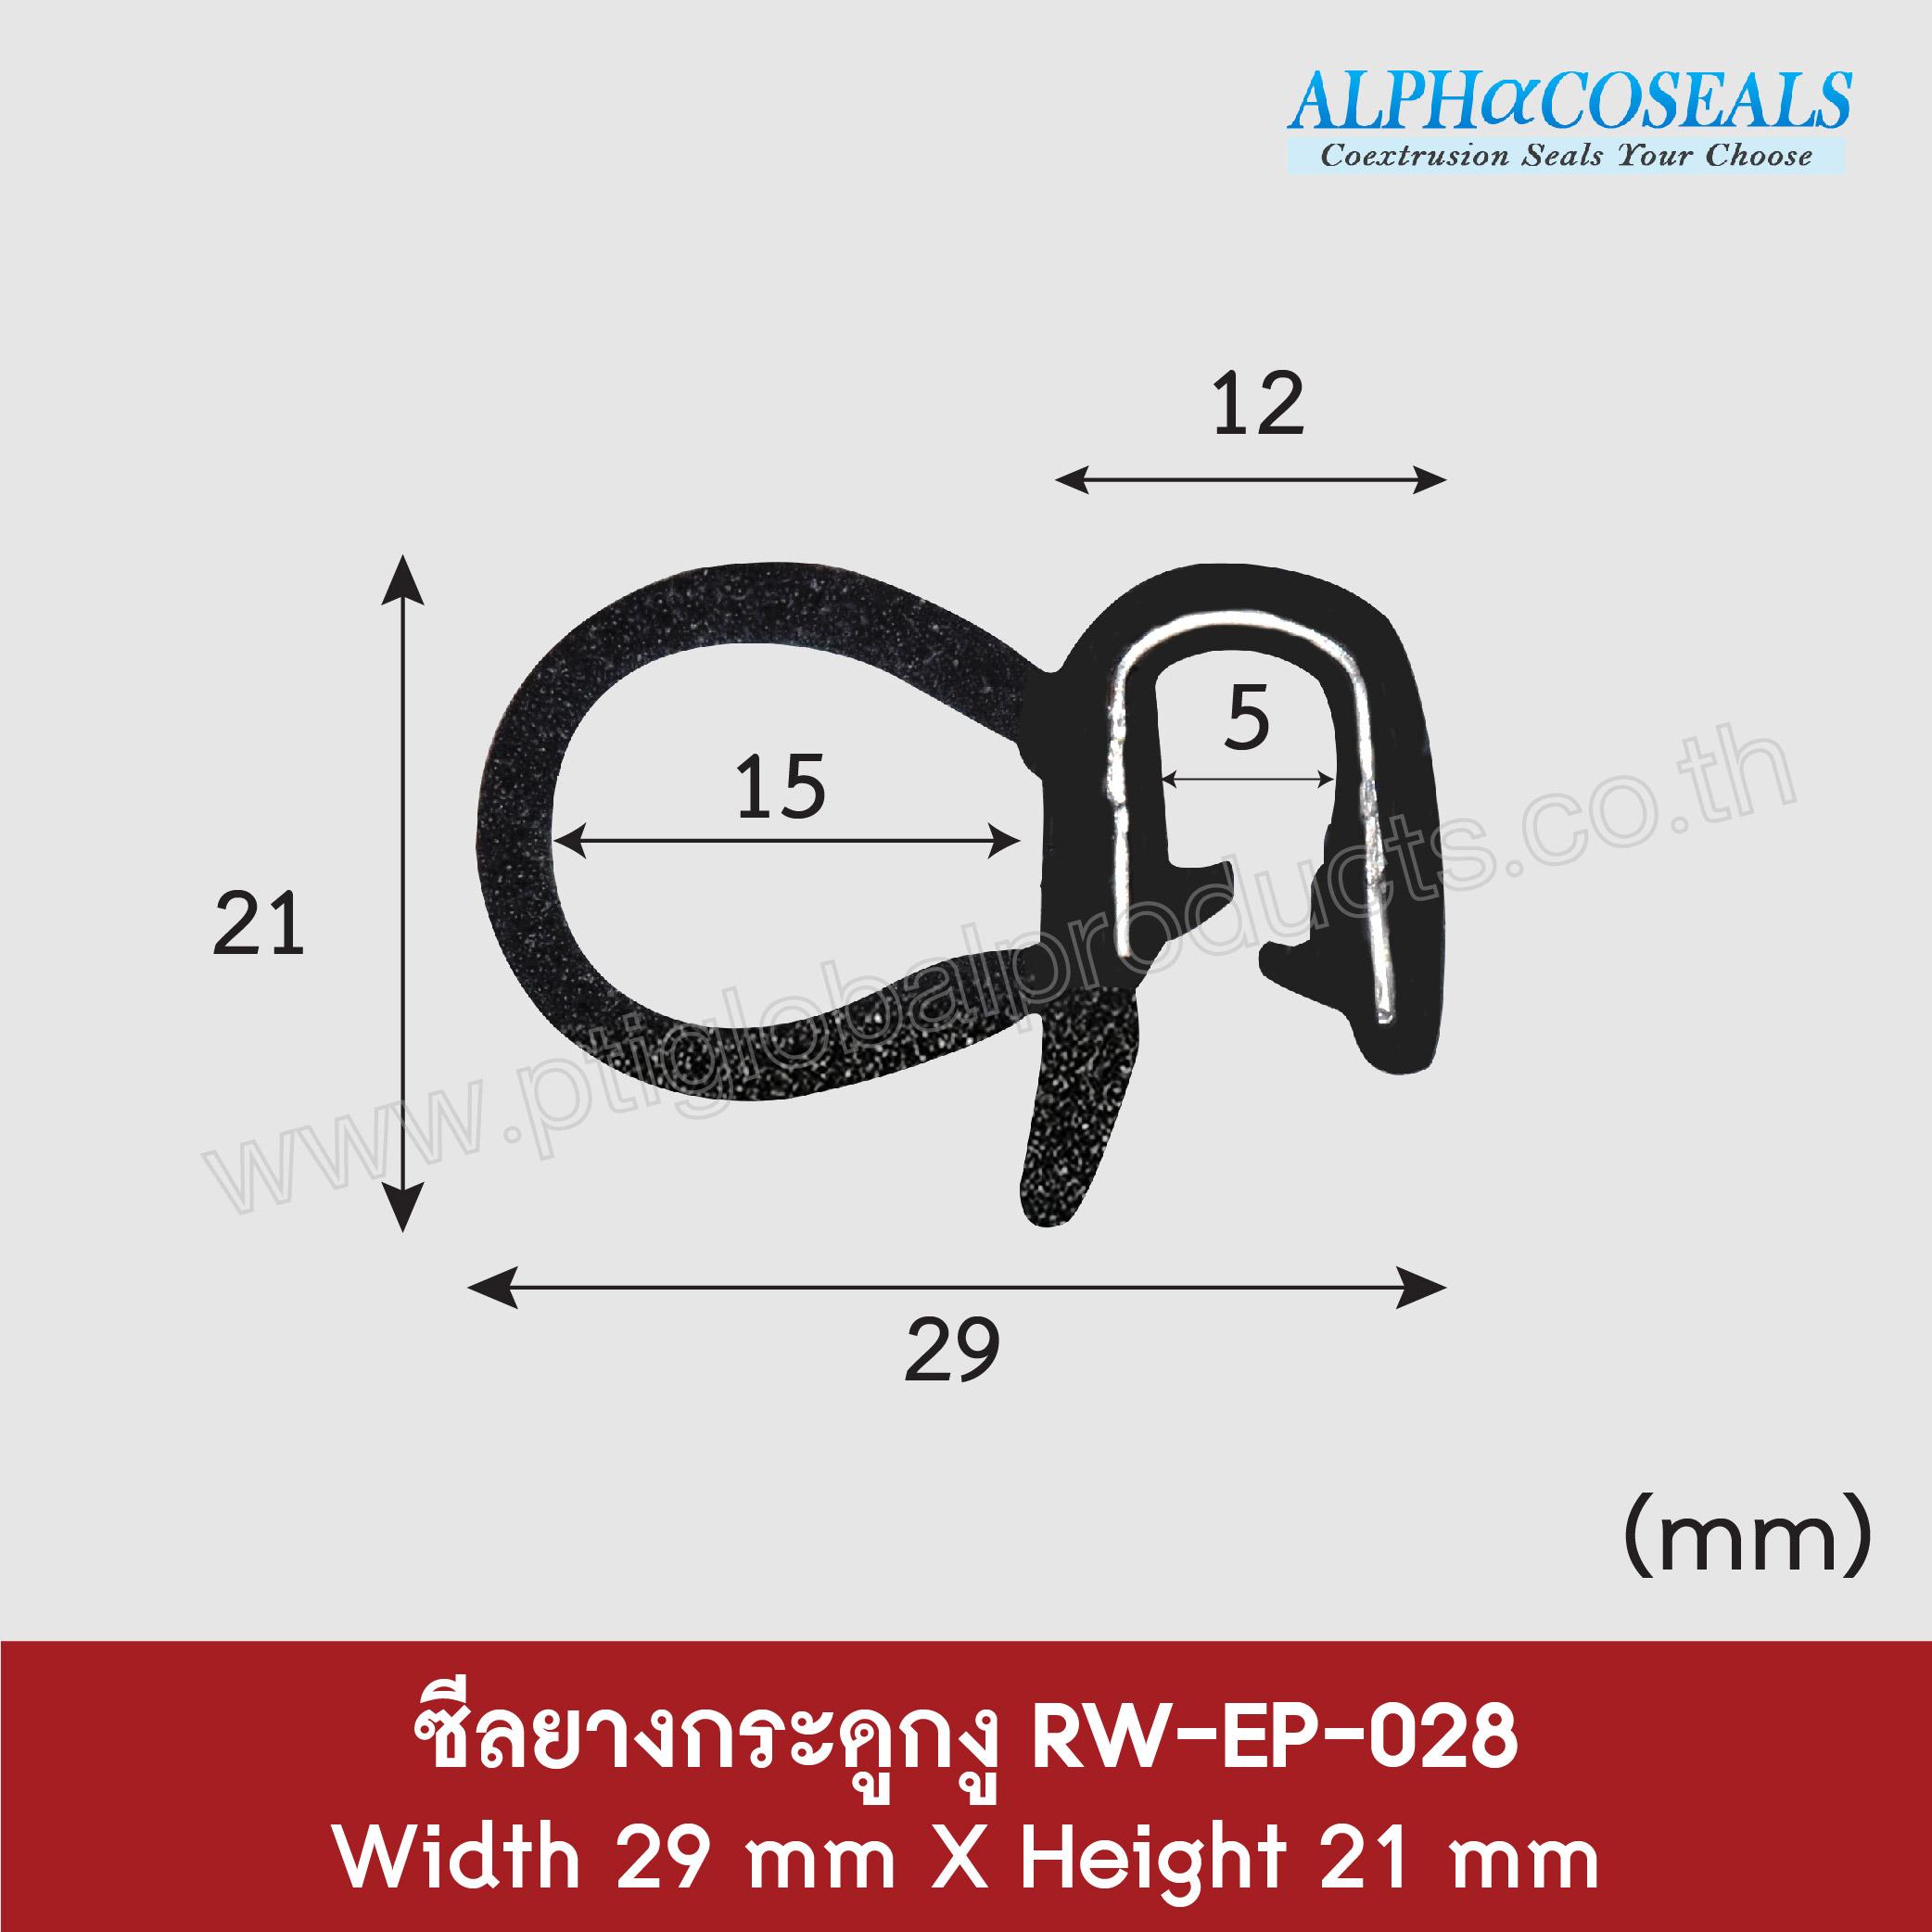 ซีลยางกระดูกงู RW-EP-028